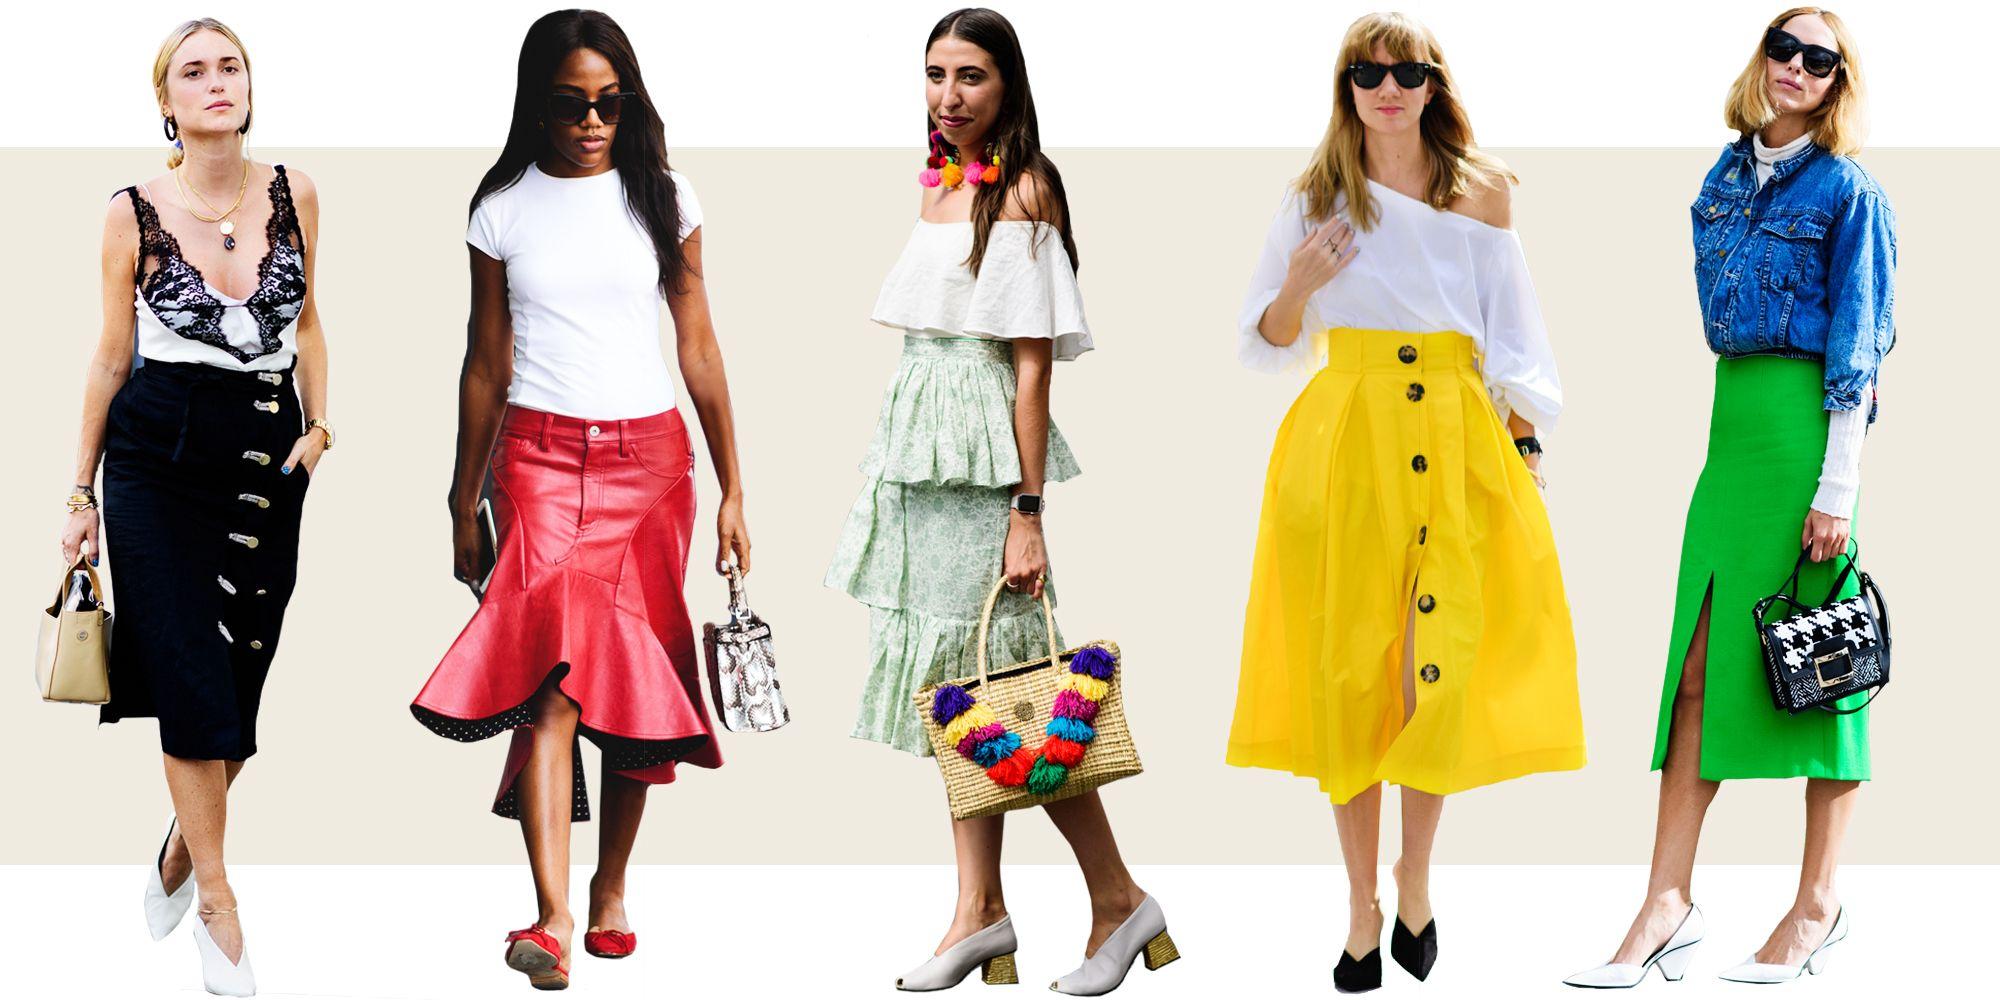 How to Wear a Midi Dress in 8 Ways?